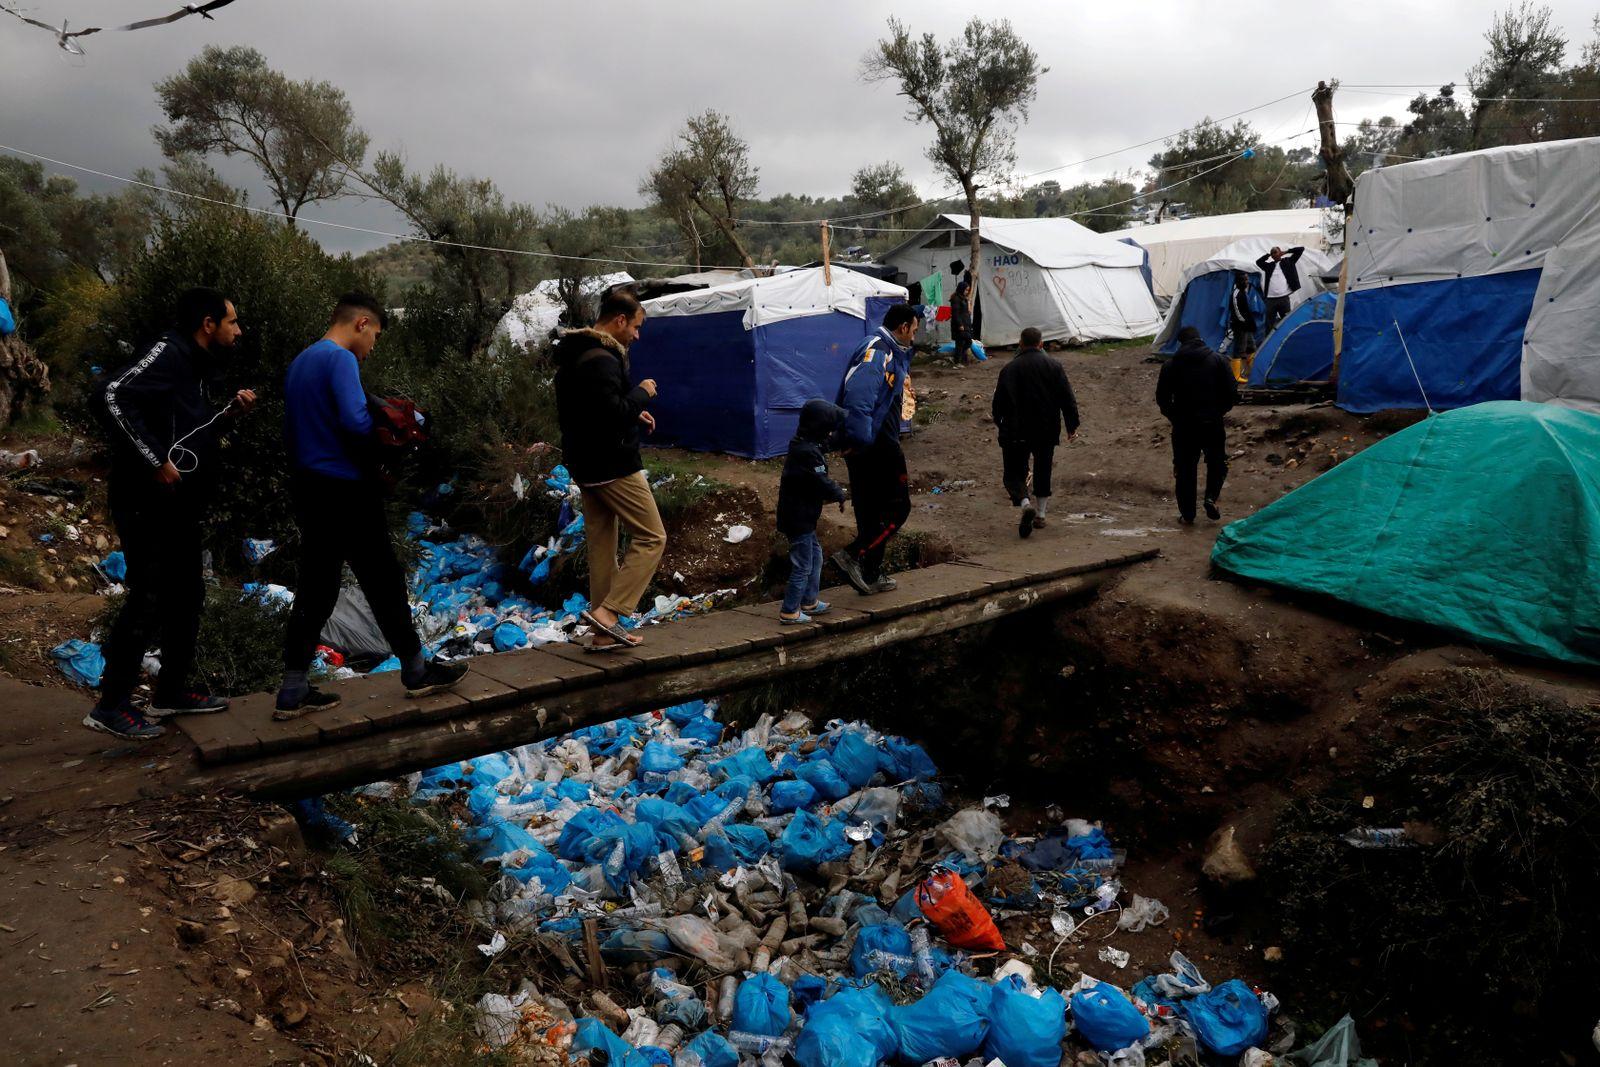 Griechenland Migranten